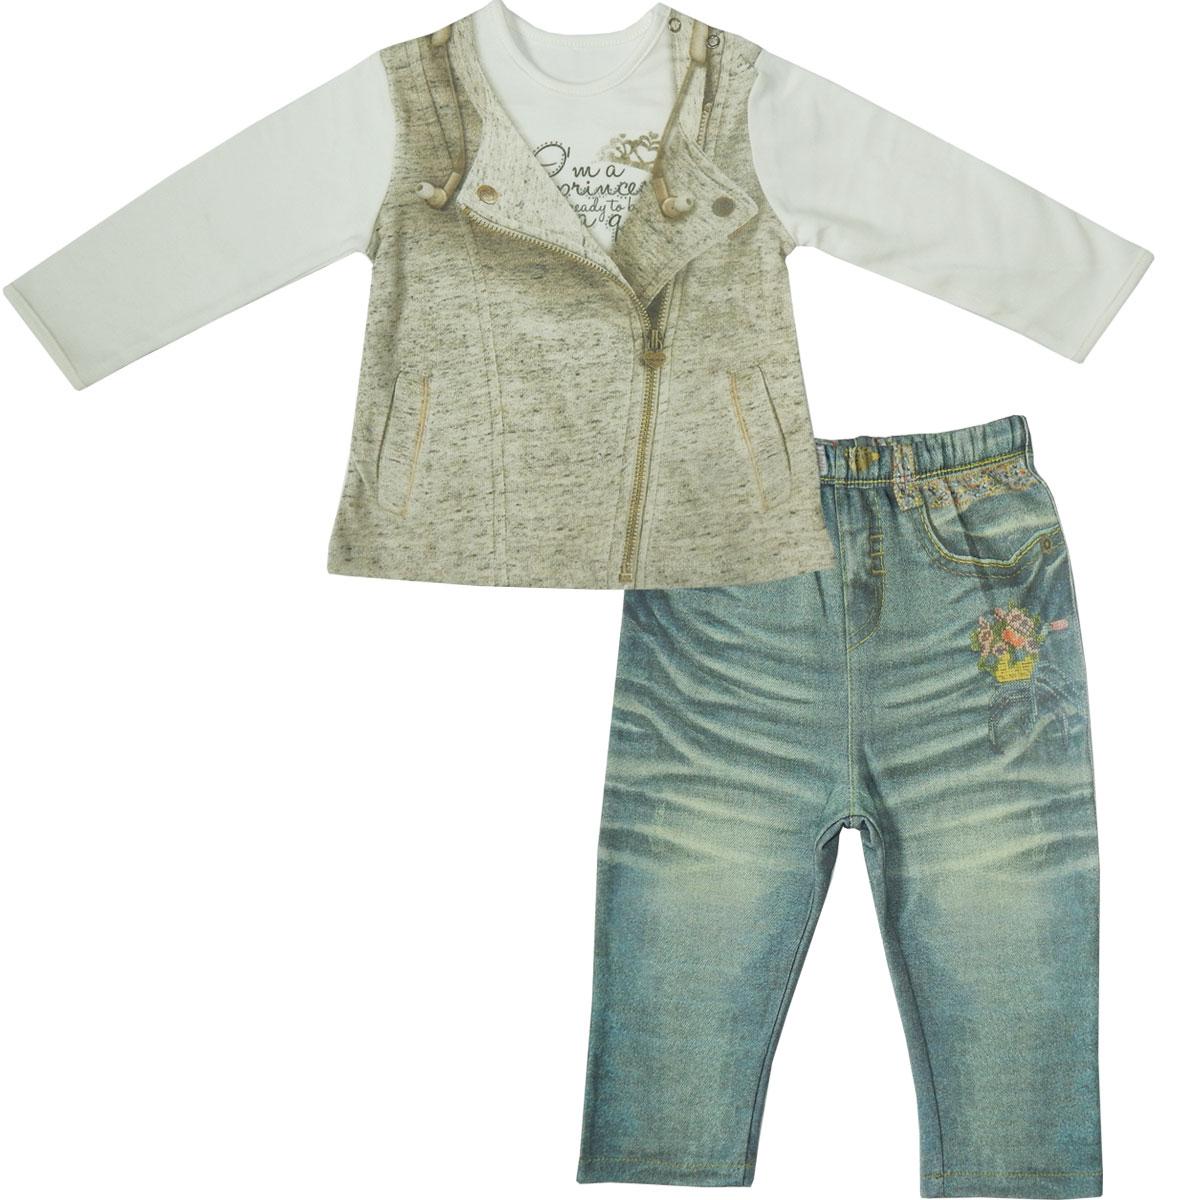 Купить Комплект одежды Папитто для девочки Fashion Jeans 595-05 белый/синий р.22-74, Комплекты для новорожденных